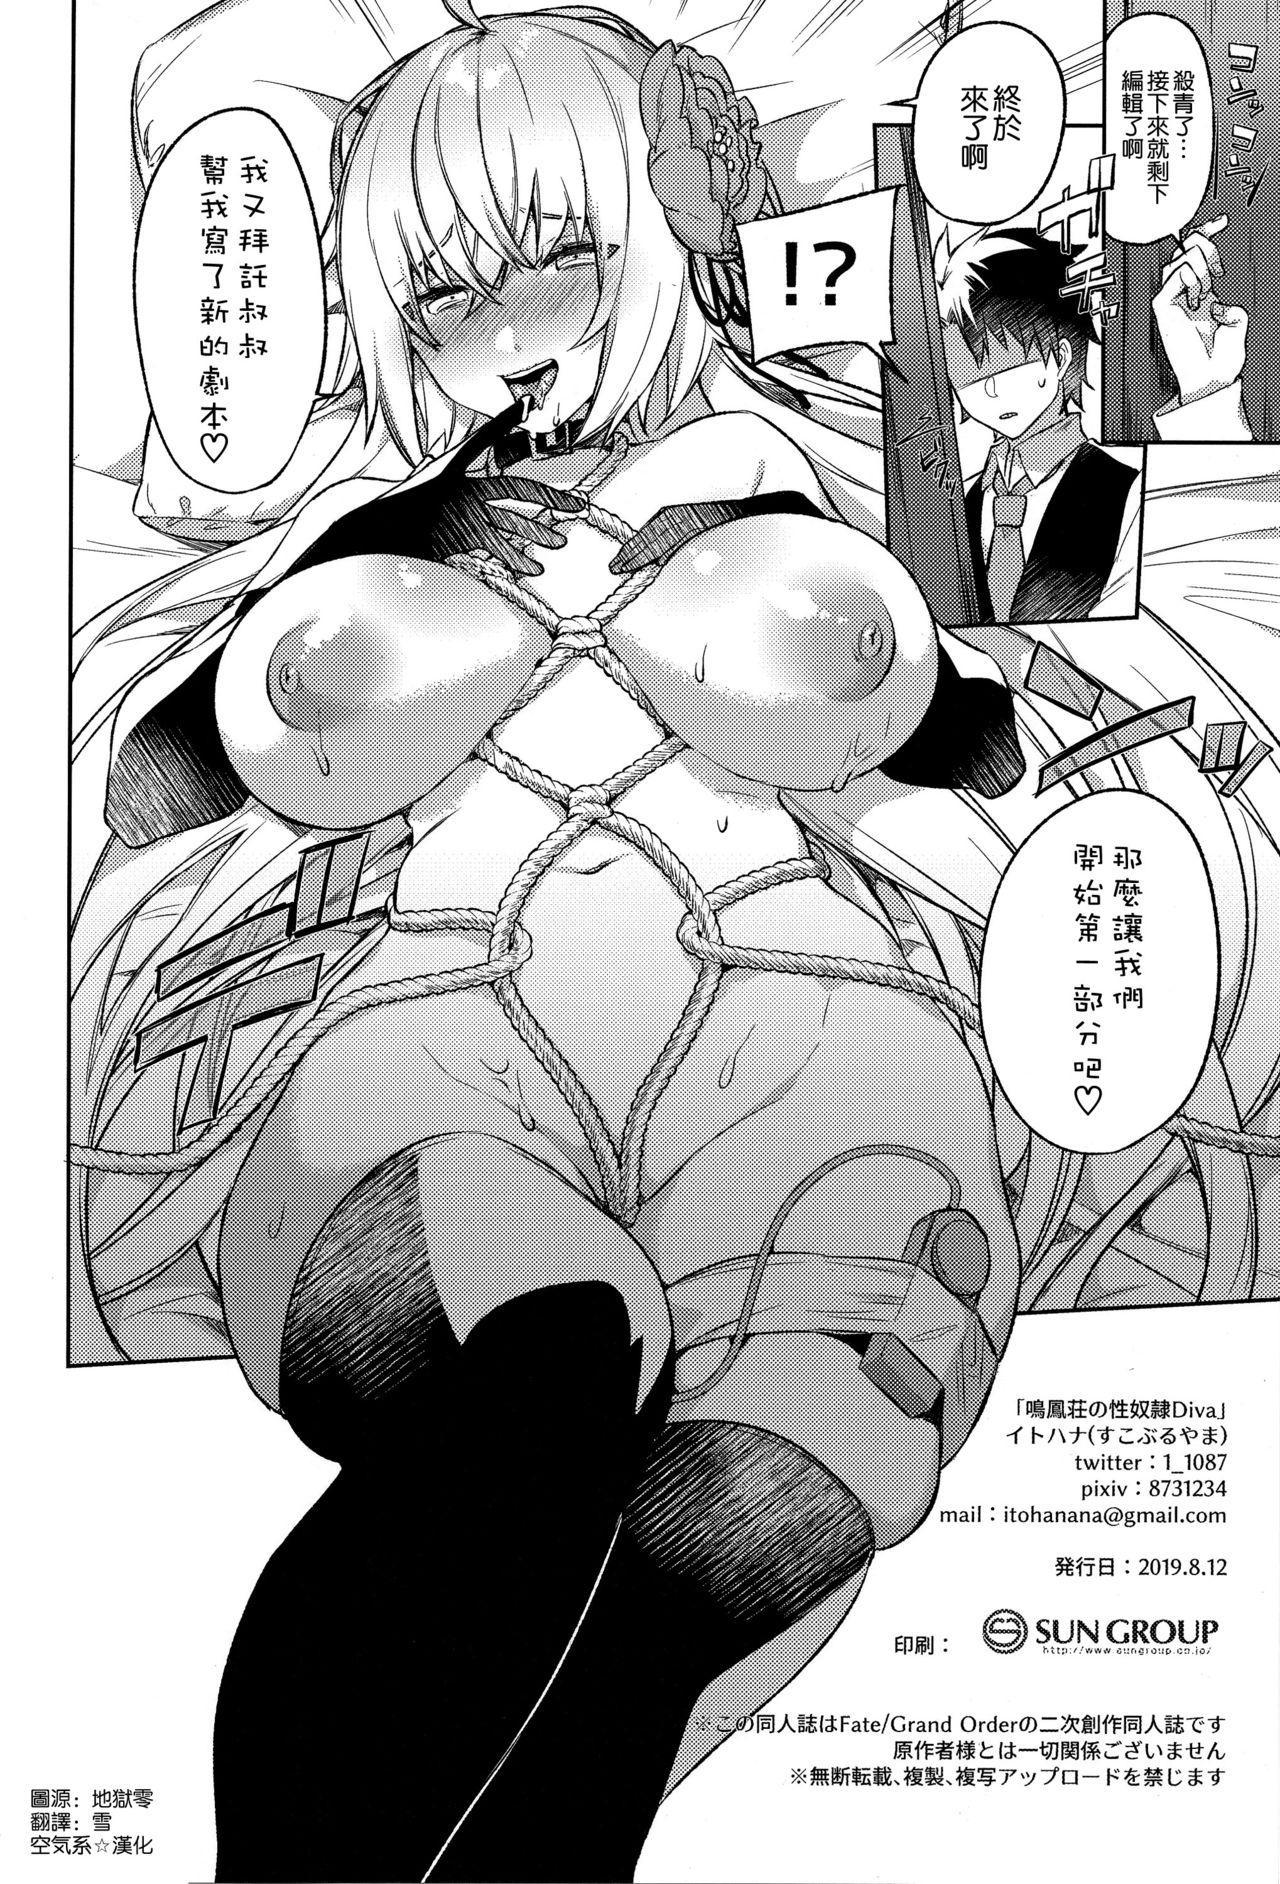 Meihousou no Seidorei Diva 22